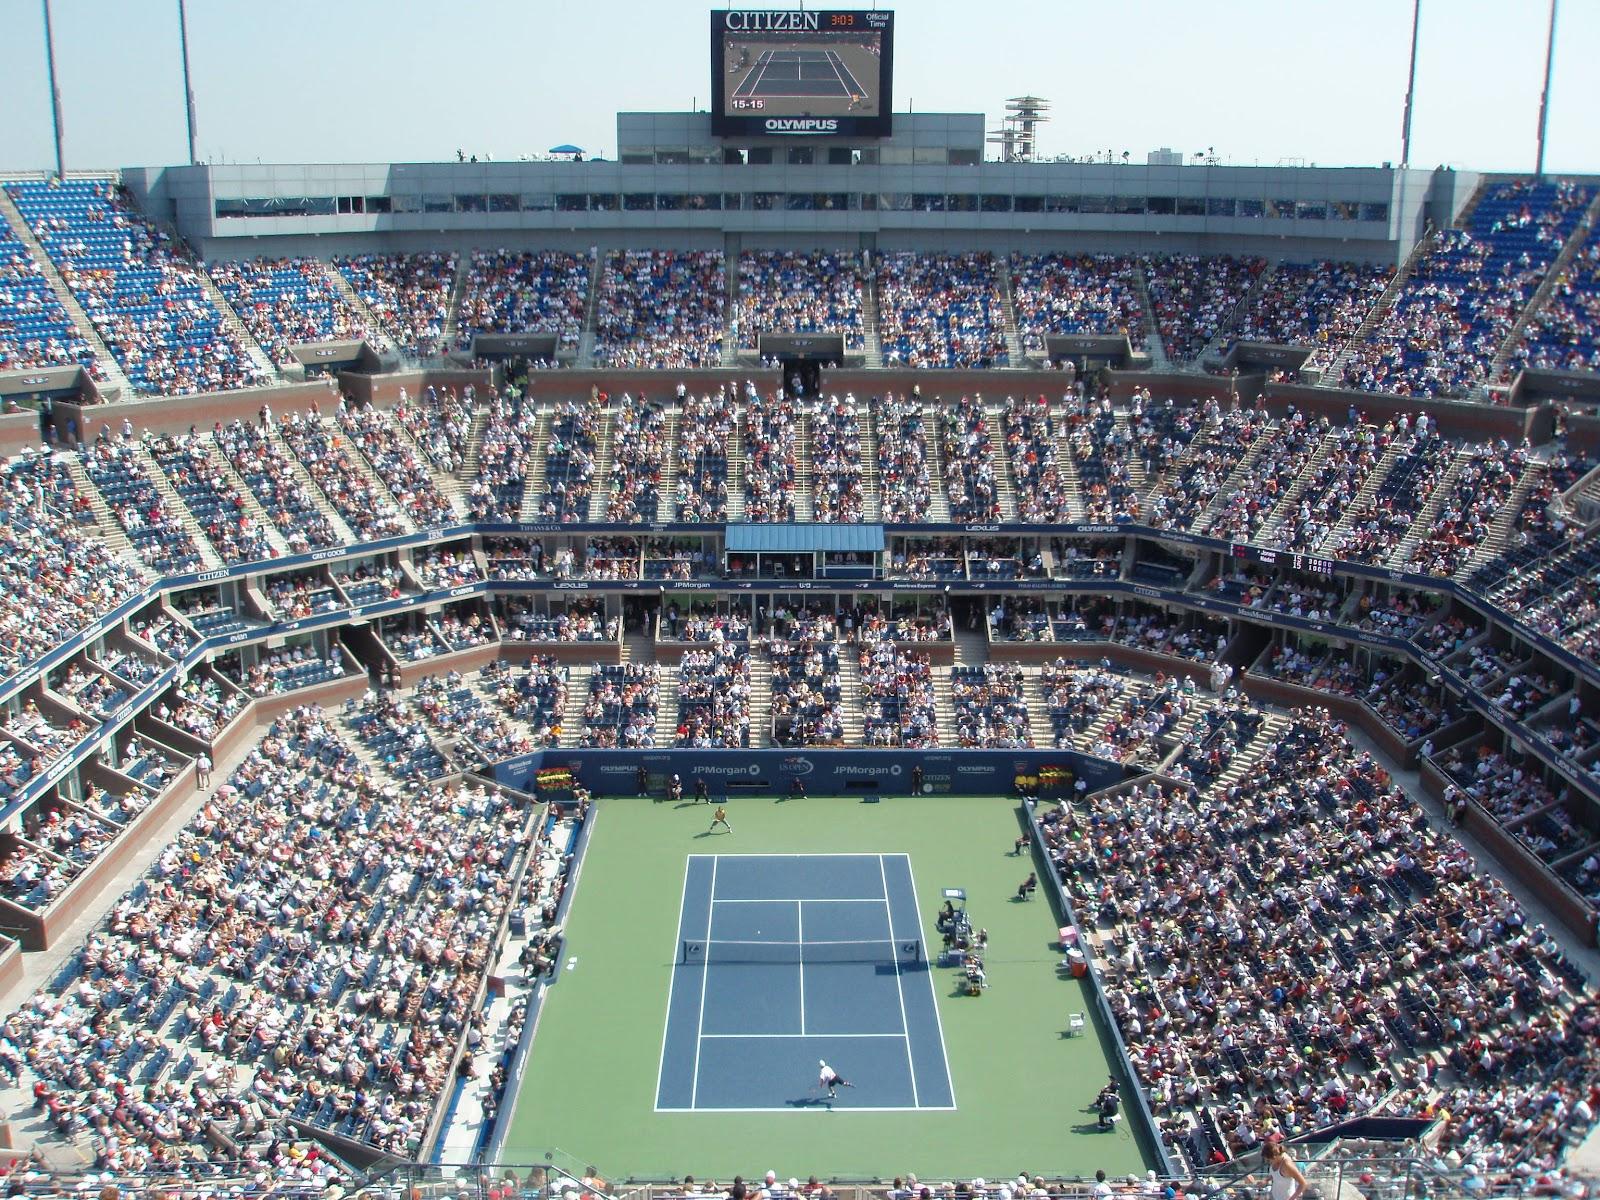 http://2.bp.blogspot.com/-ZxadgdHwNHo/UAT3Bpzv8oI/AAAAAAAABPk/AXk0i1goz0c/s1600/Arthur_Ashe_Stadium.jpg.JPG